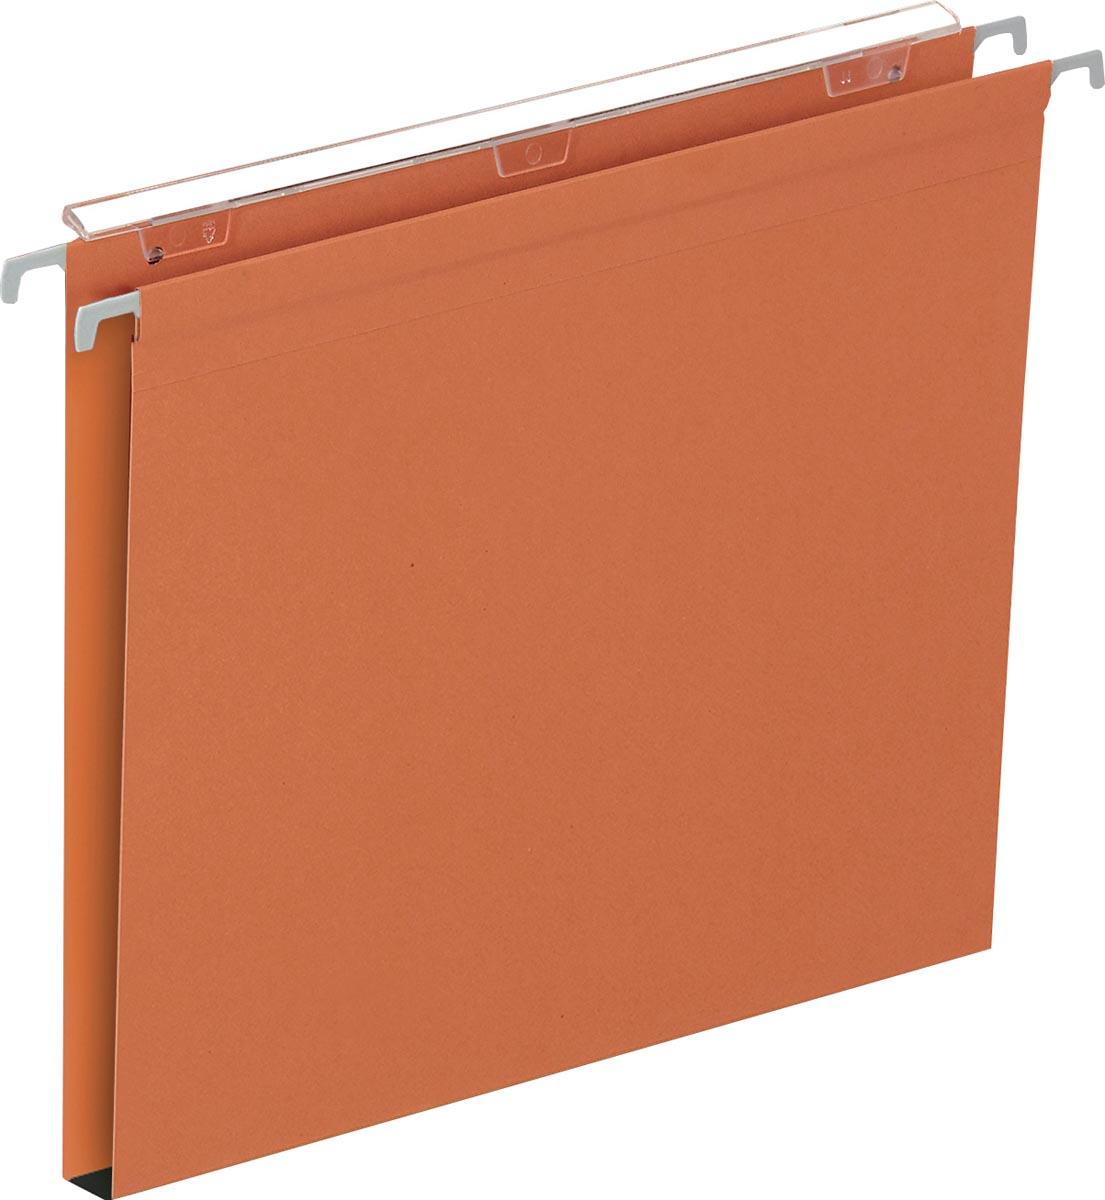 Pergamy Defi hangmap ft A4, bodem 15 mm, oranje, pak van 25 stuks